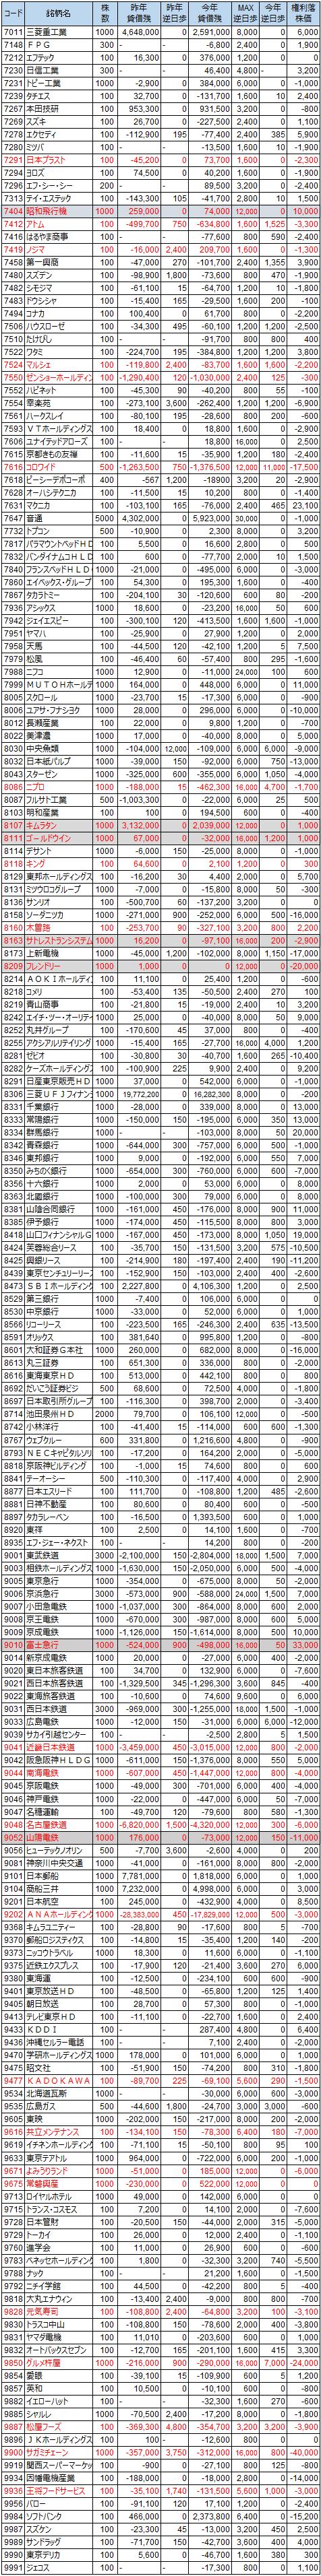 貸借状況2014年3月末権利付き最終日-2